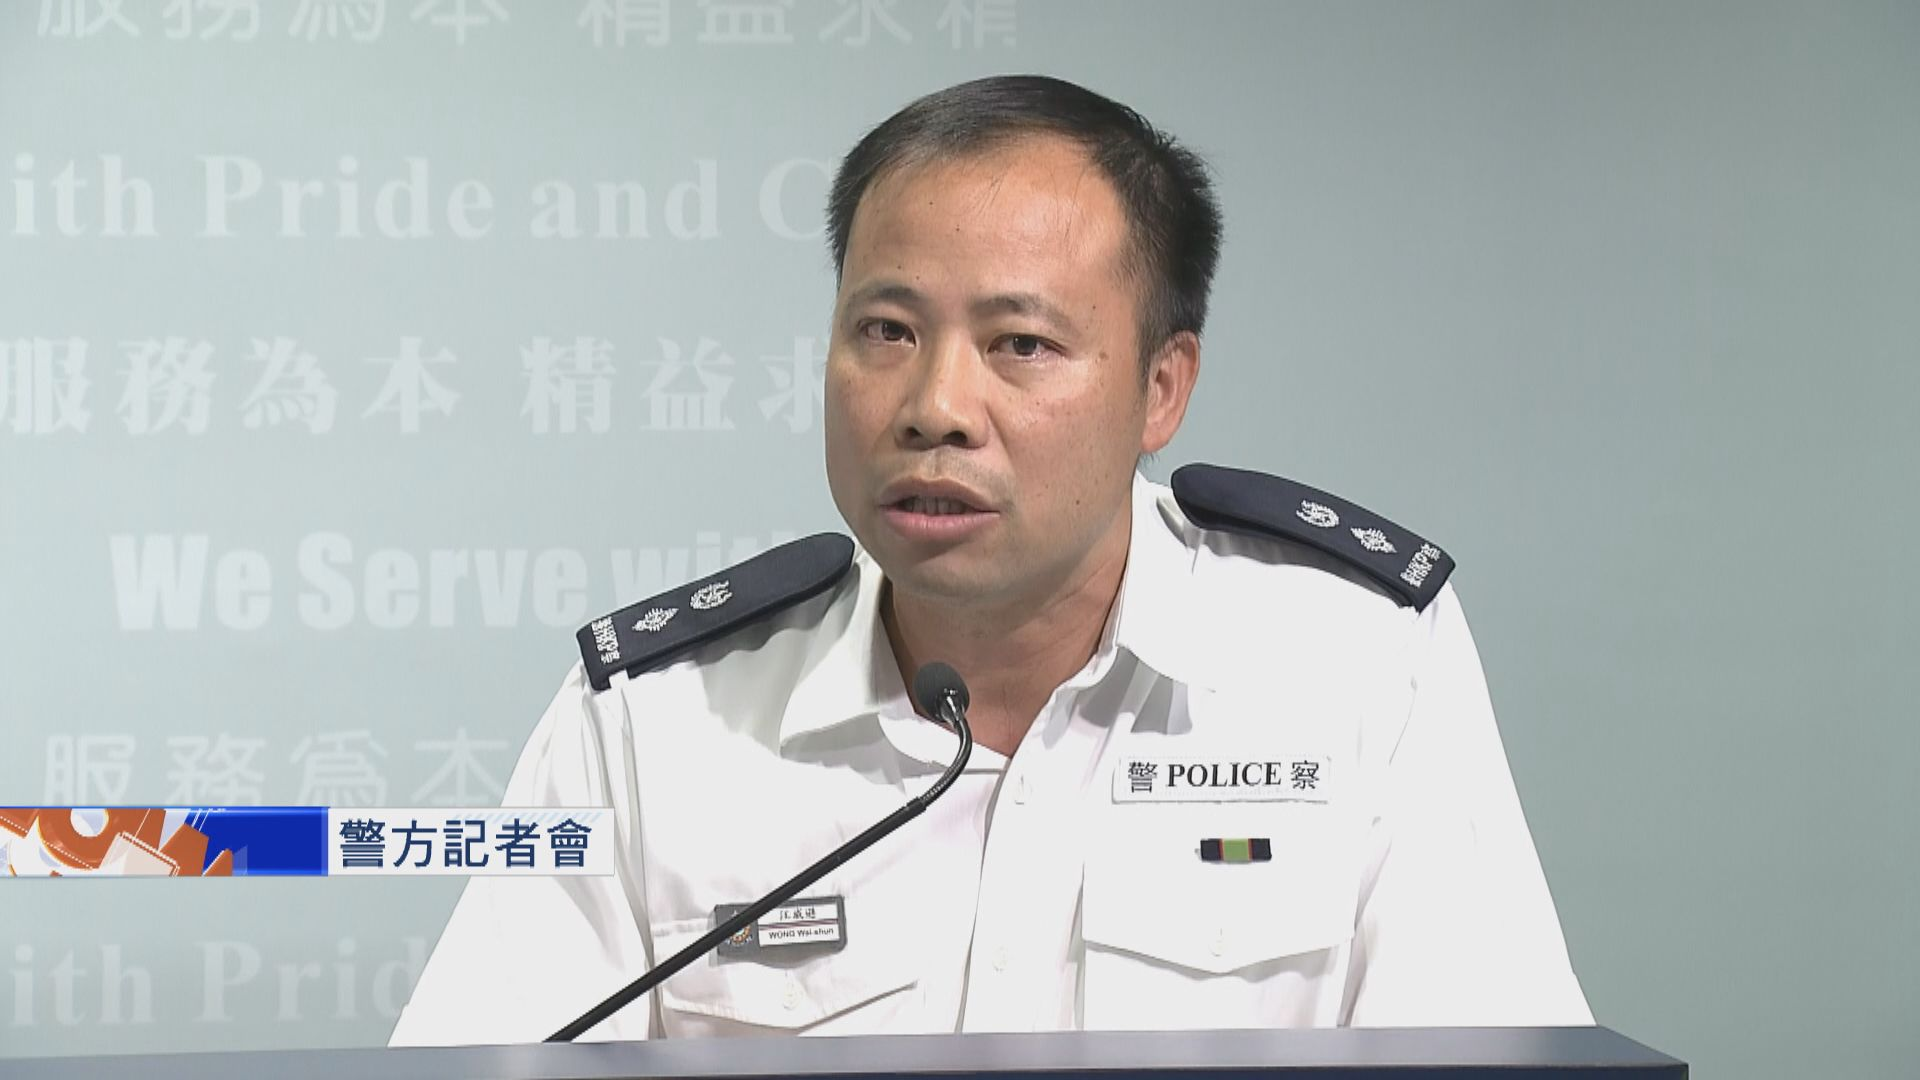 【最新】警方:使用催淚彈符合國際準則 極少引發永久後遺症